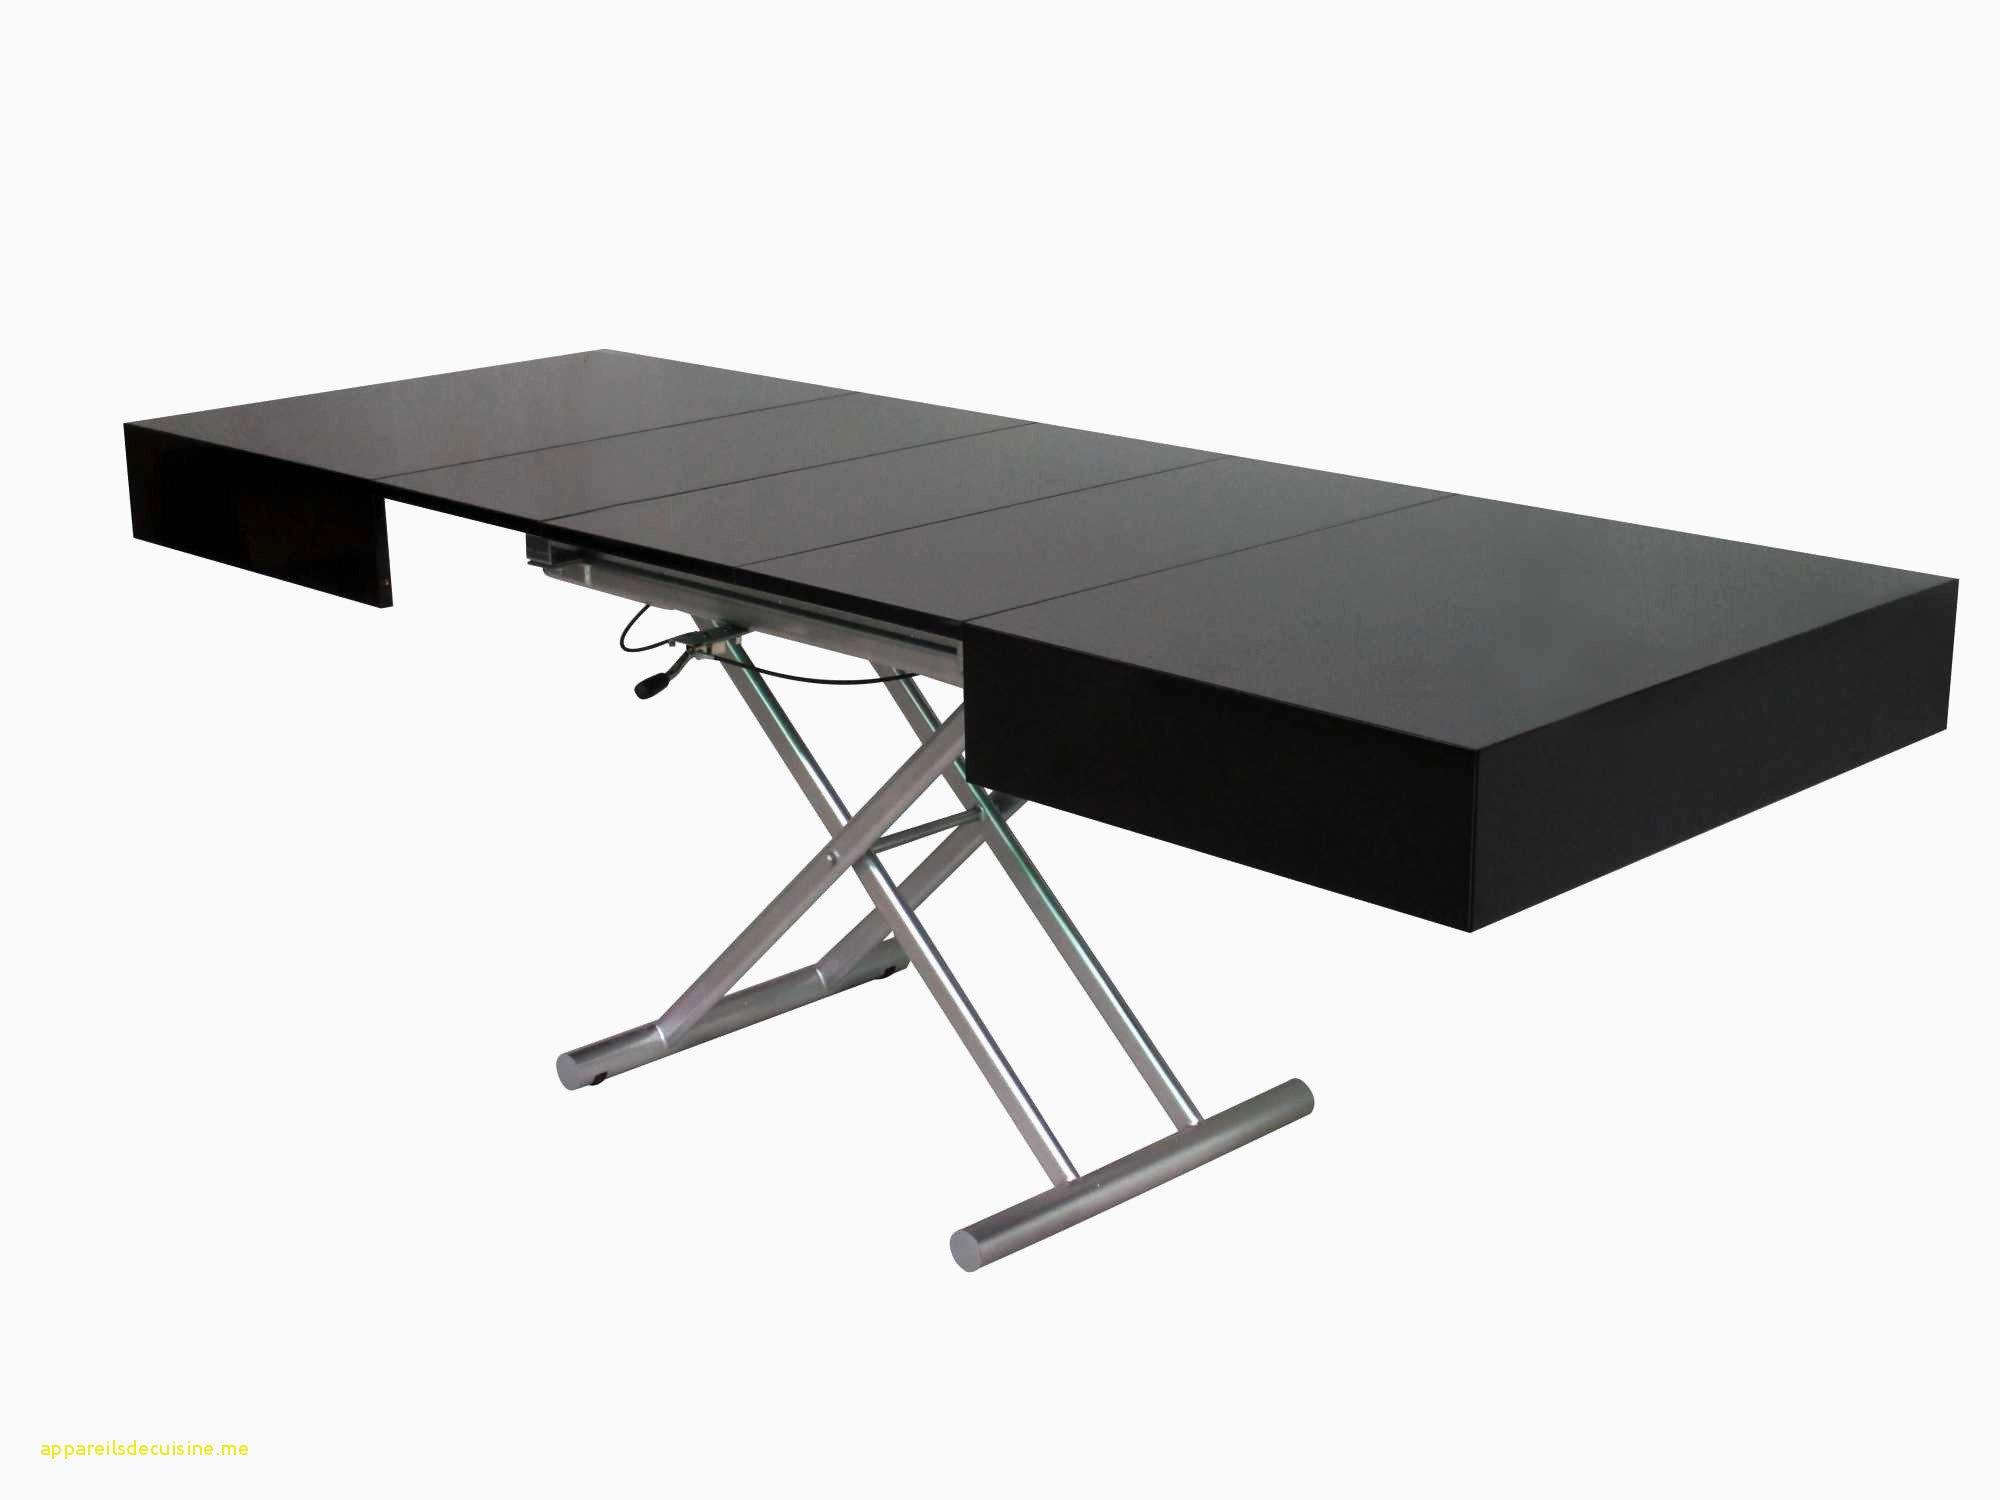 Table Basse Relevable Pas Cher Ikea Boutique Gain De Placefr